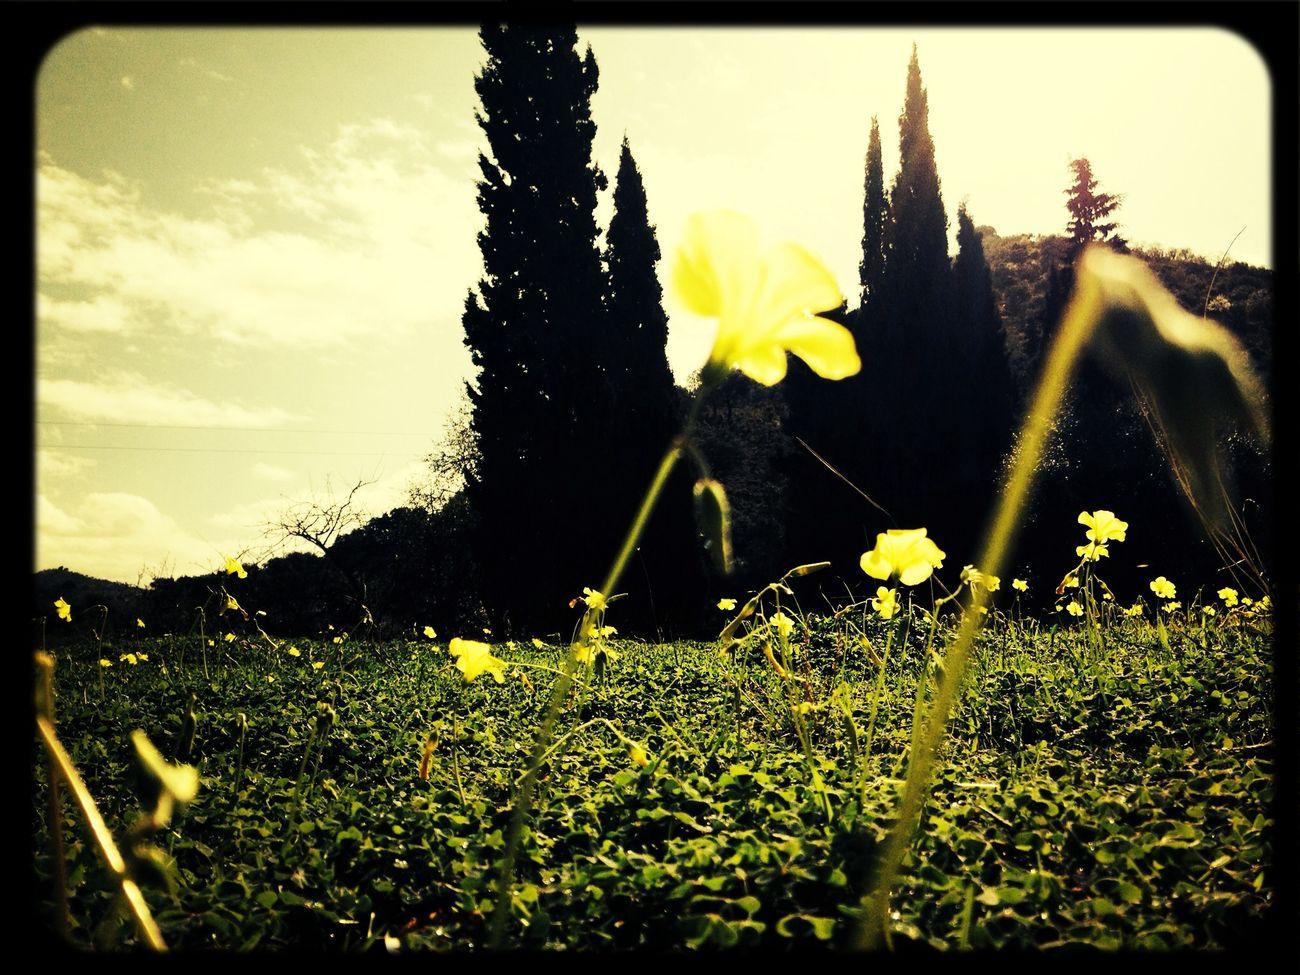 Flower Malaga Yelow